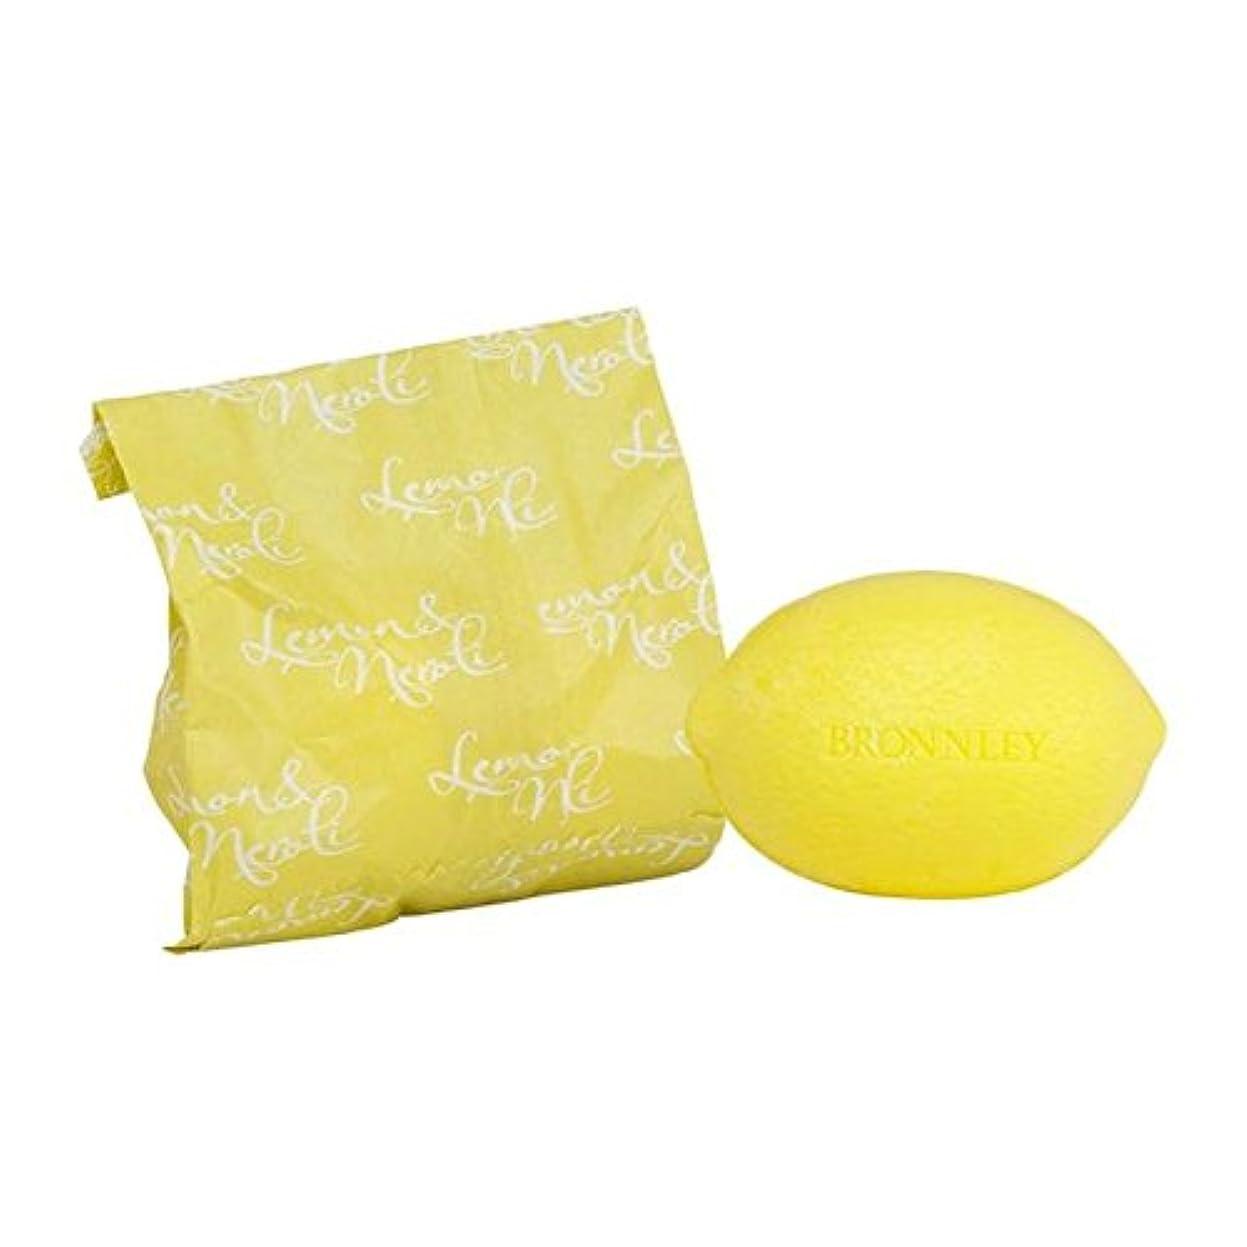 パニック驚き腹部レモン&ネロリ石鹸100グラム x4 - Bronnley Lemon & Neroli Soap 100g (Pack of 4) [並行輸入品]